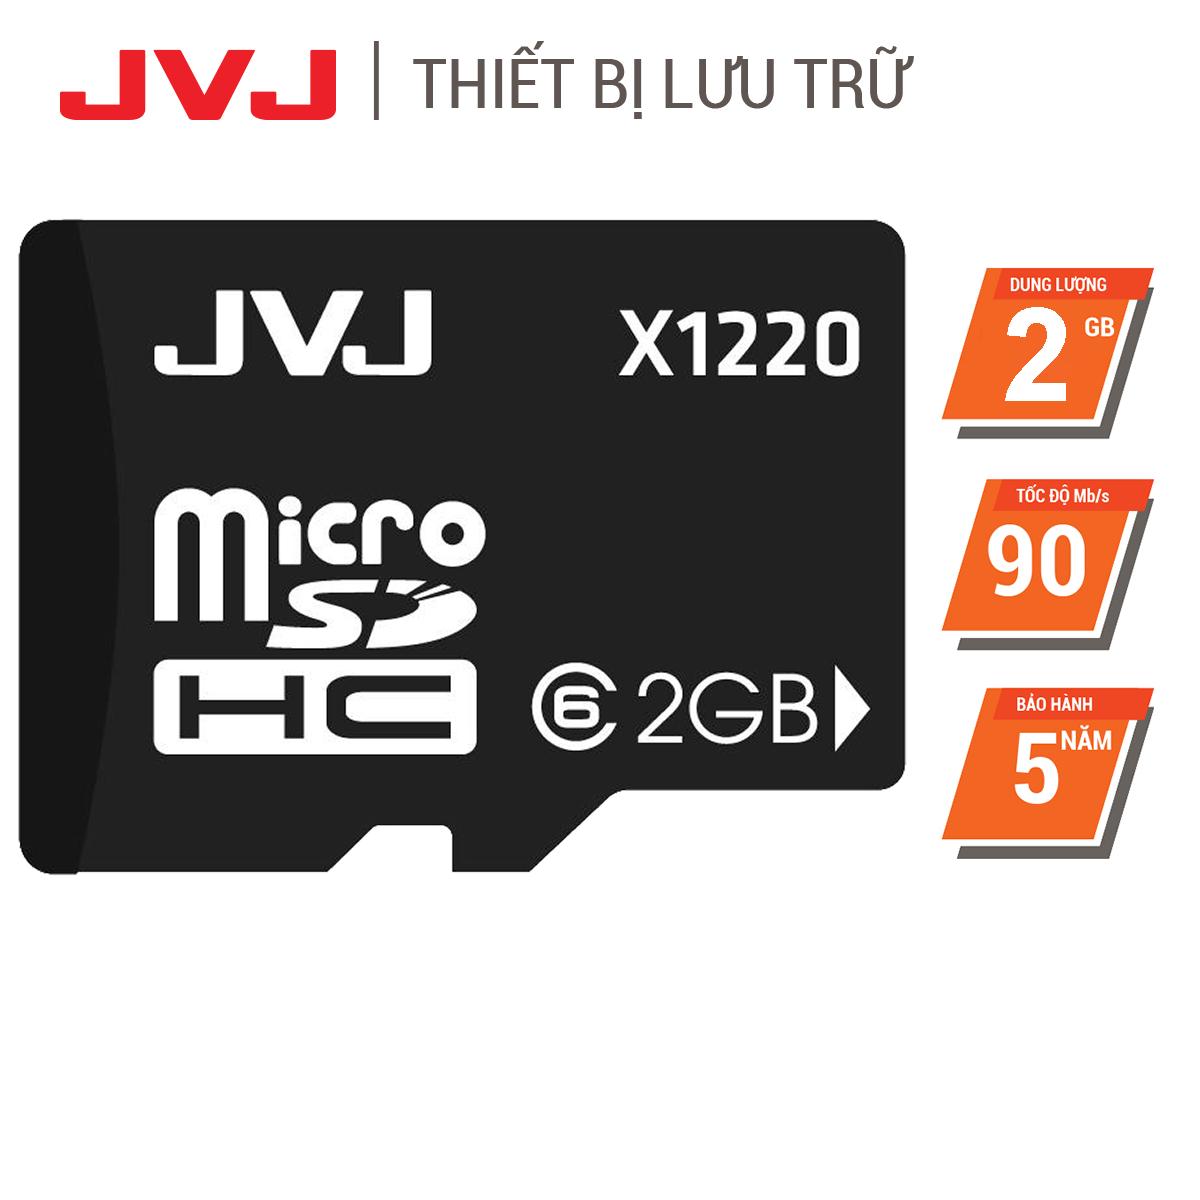 Thẻ nhớ 2G JVJ class 6 microSDHC tốc độ cao – thẻ nhớ chuyên dụng điện thoại, thẻ game, máy tính bảng, loa đài, camera BH 5 năm, 1 đổi 1, Samsung, Oppo, Xiaomi, điện thoại android